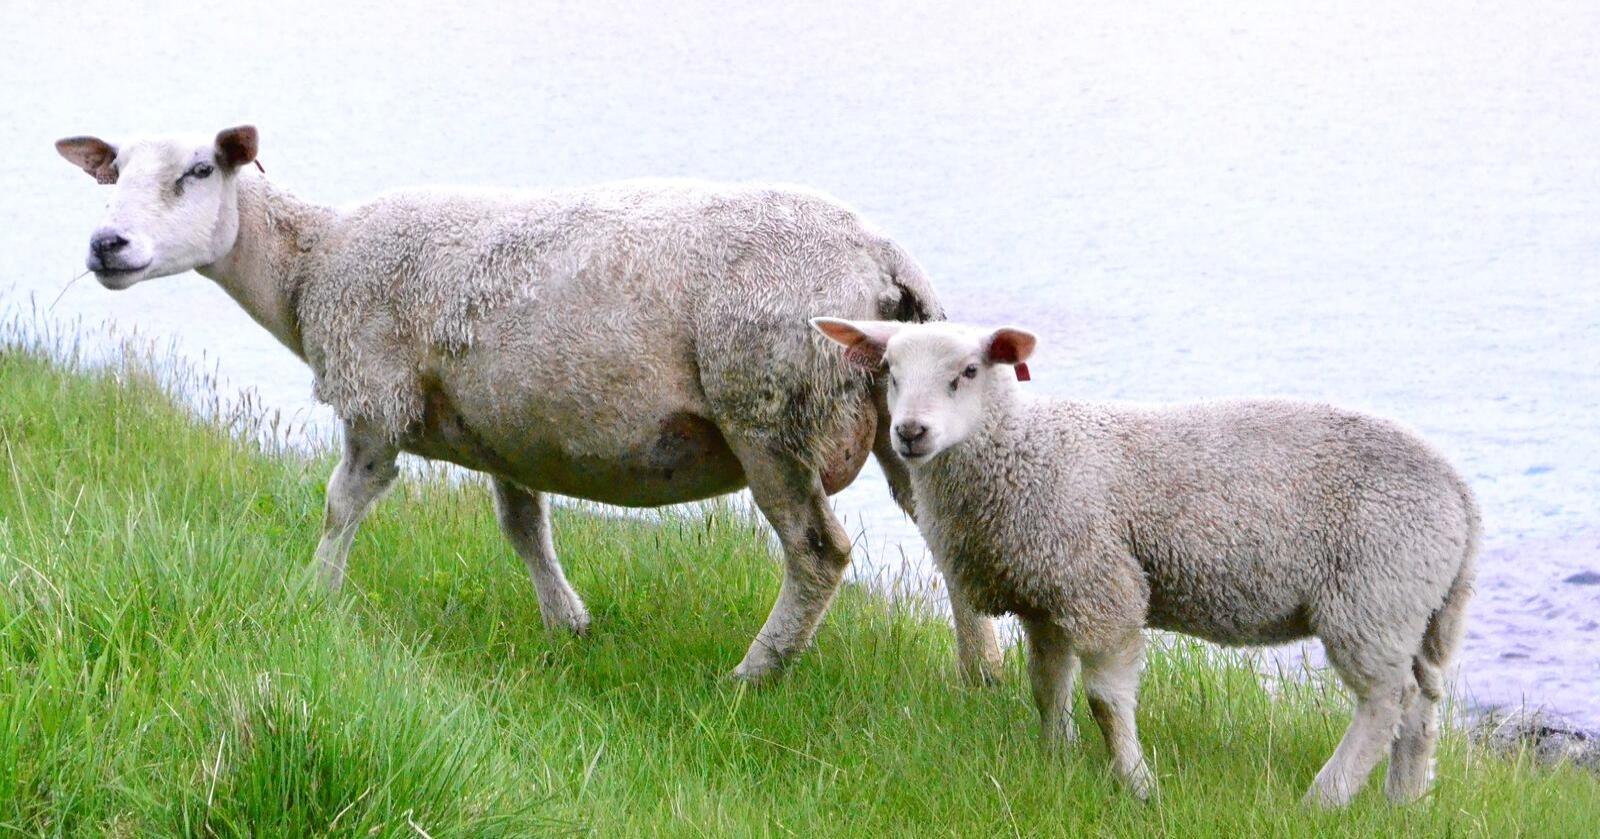 NLR søker bønder som dyrker grovfôr til melkekyr, ammekyr, sau eller geit, til å delta i prosjektet. Foto: Ingvild Lauvland Høie